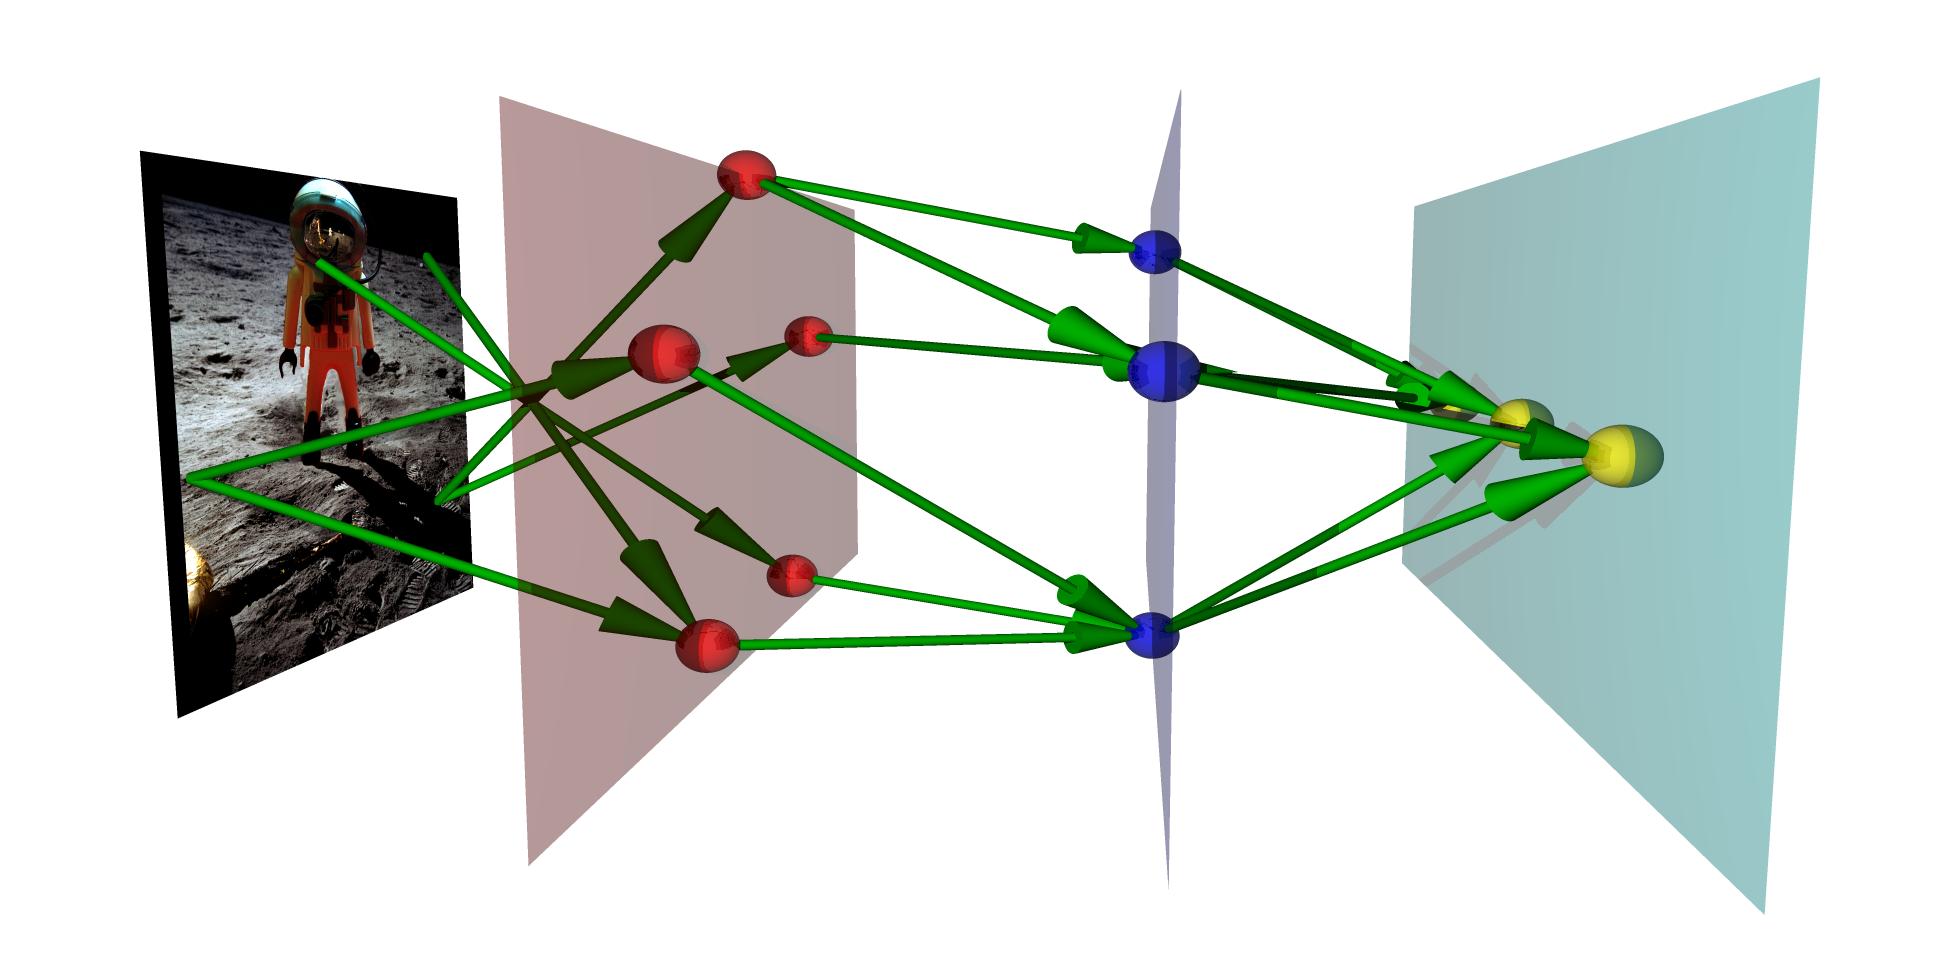 Esquema de rede neural